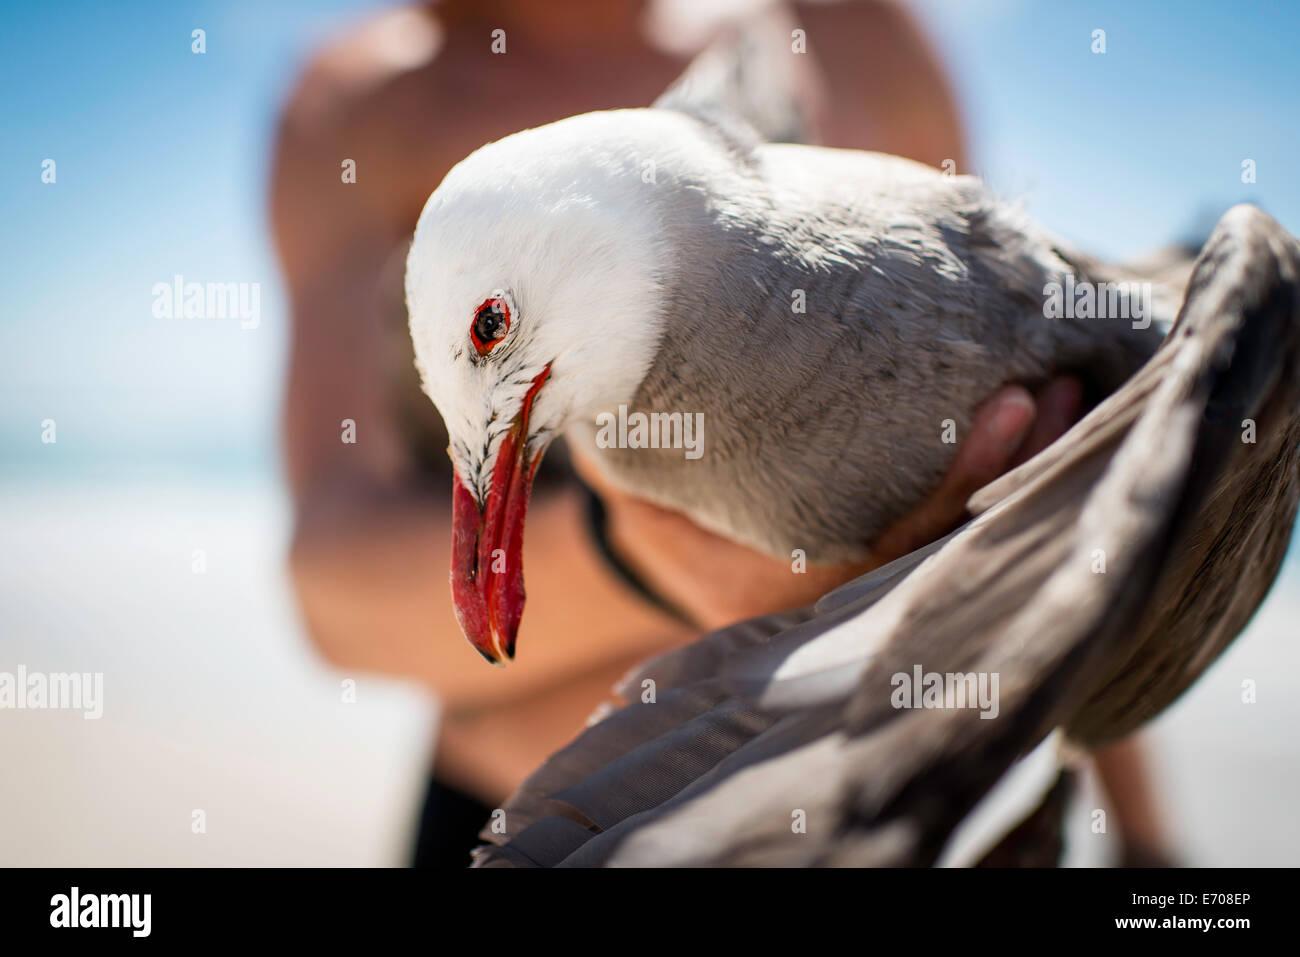 Metà maschio adulto holding seagull, focus su seagull Immagini Stock